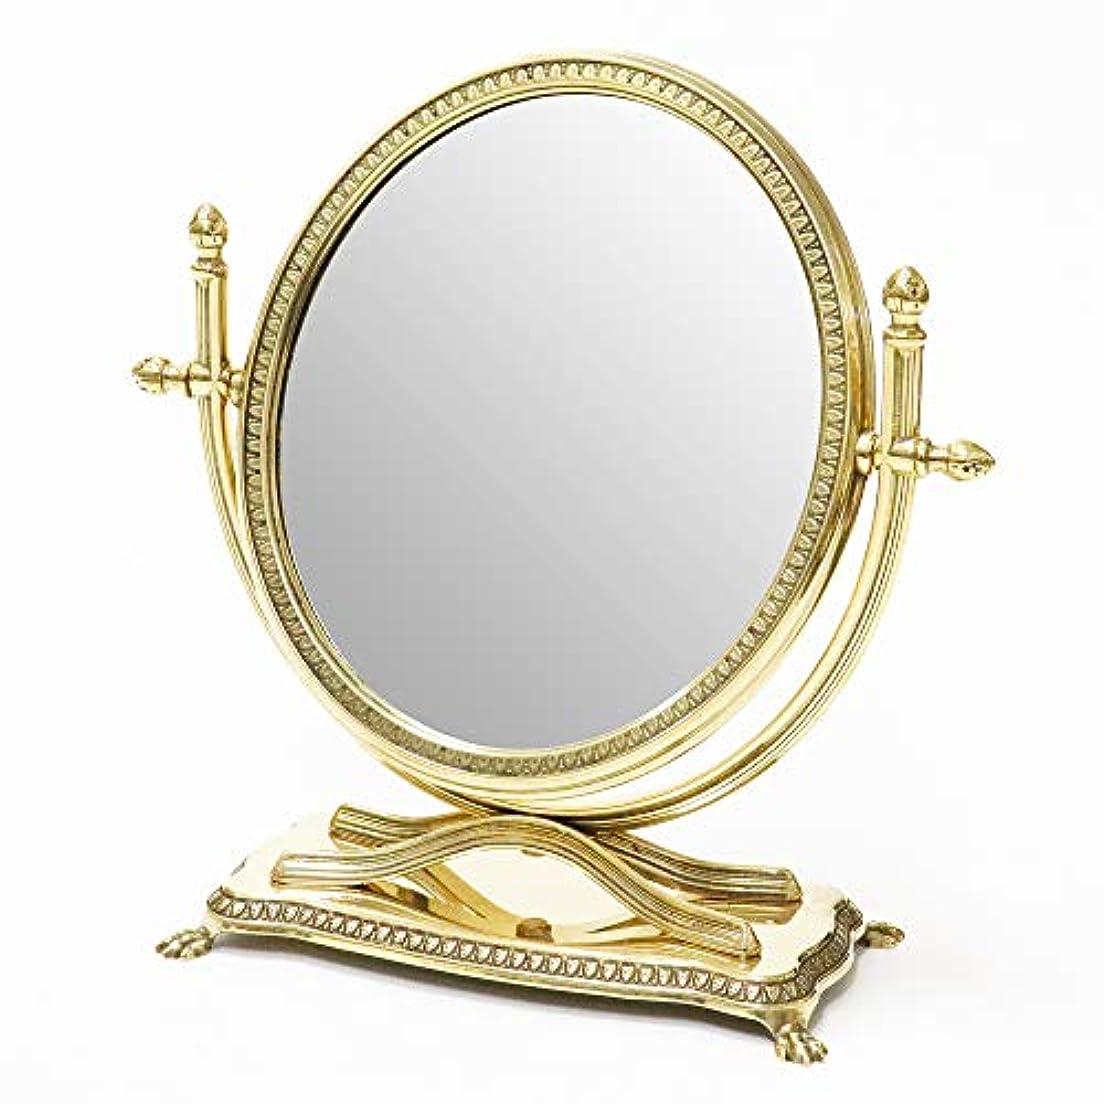 サーキットに行く降ろすインターネット【イタリア製 真鍮(ブラス)】卓上ミラー&拡大鏡 W29×D11×H30cm / C3-1256